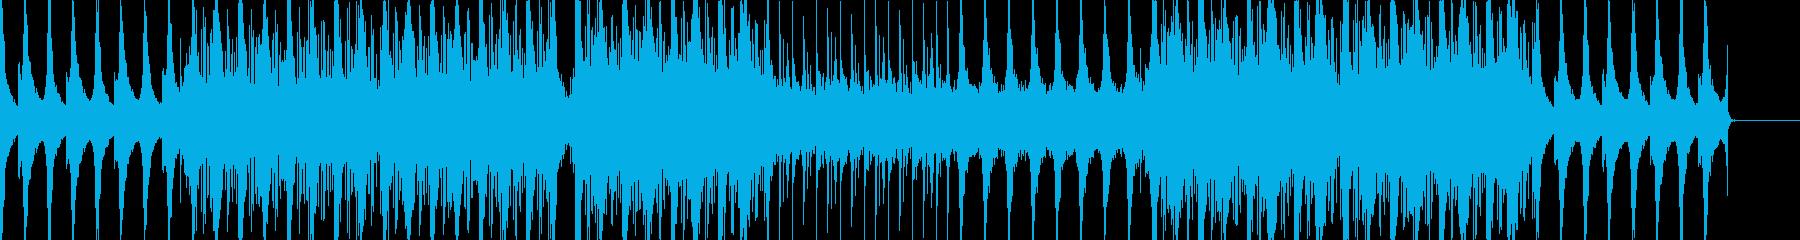 不思議な雰囲気が特徴の曲ですの再生済みの波形